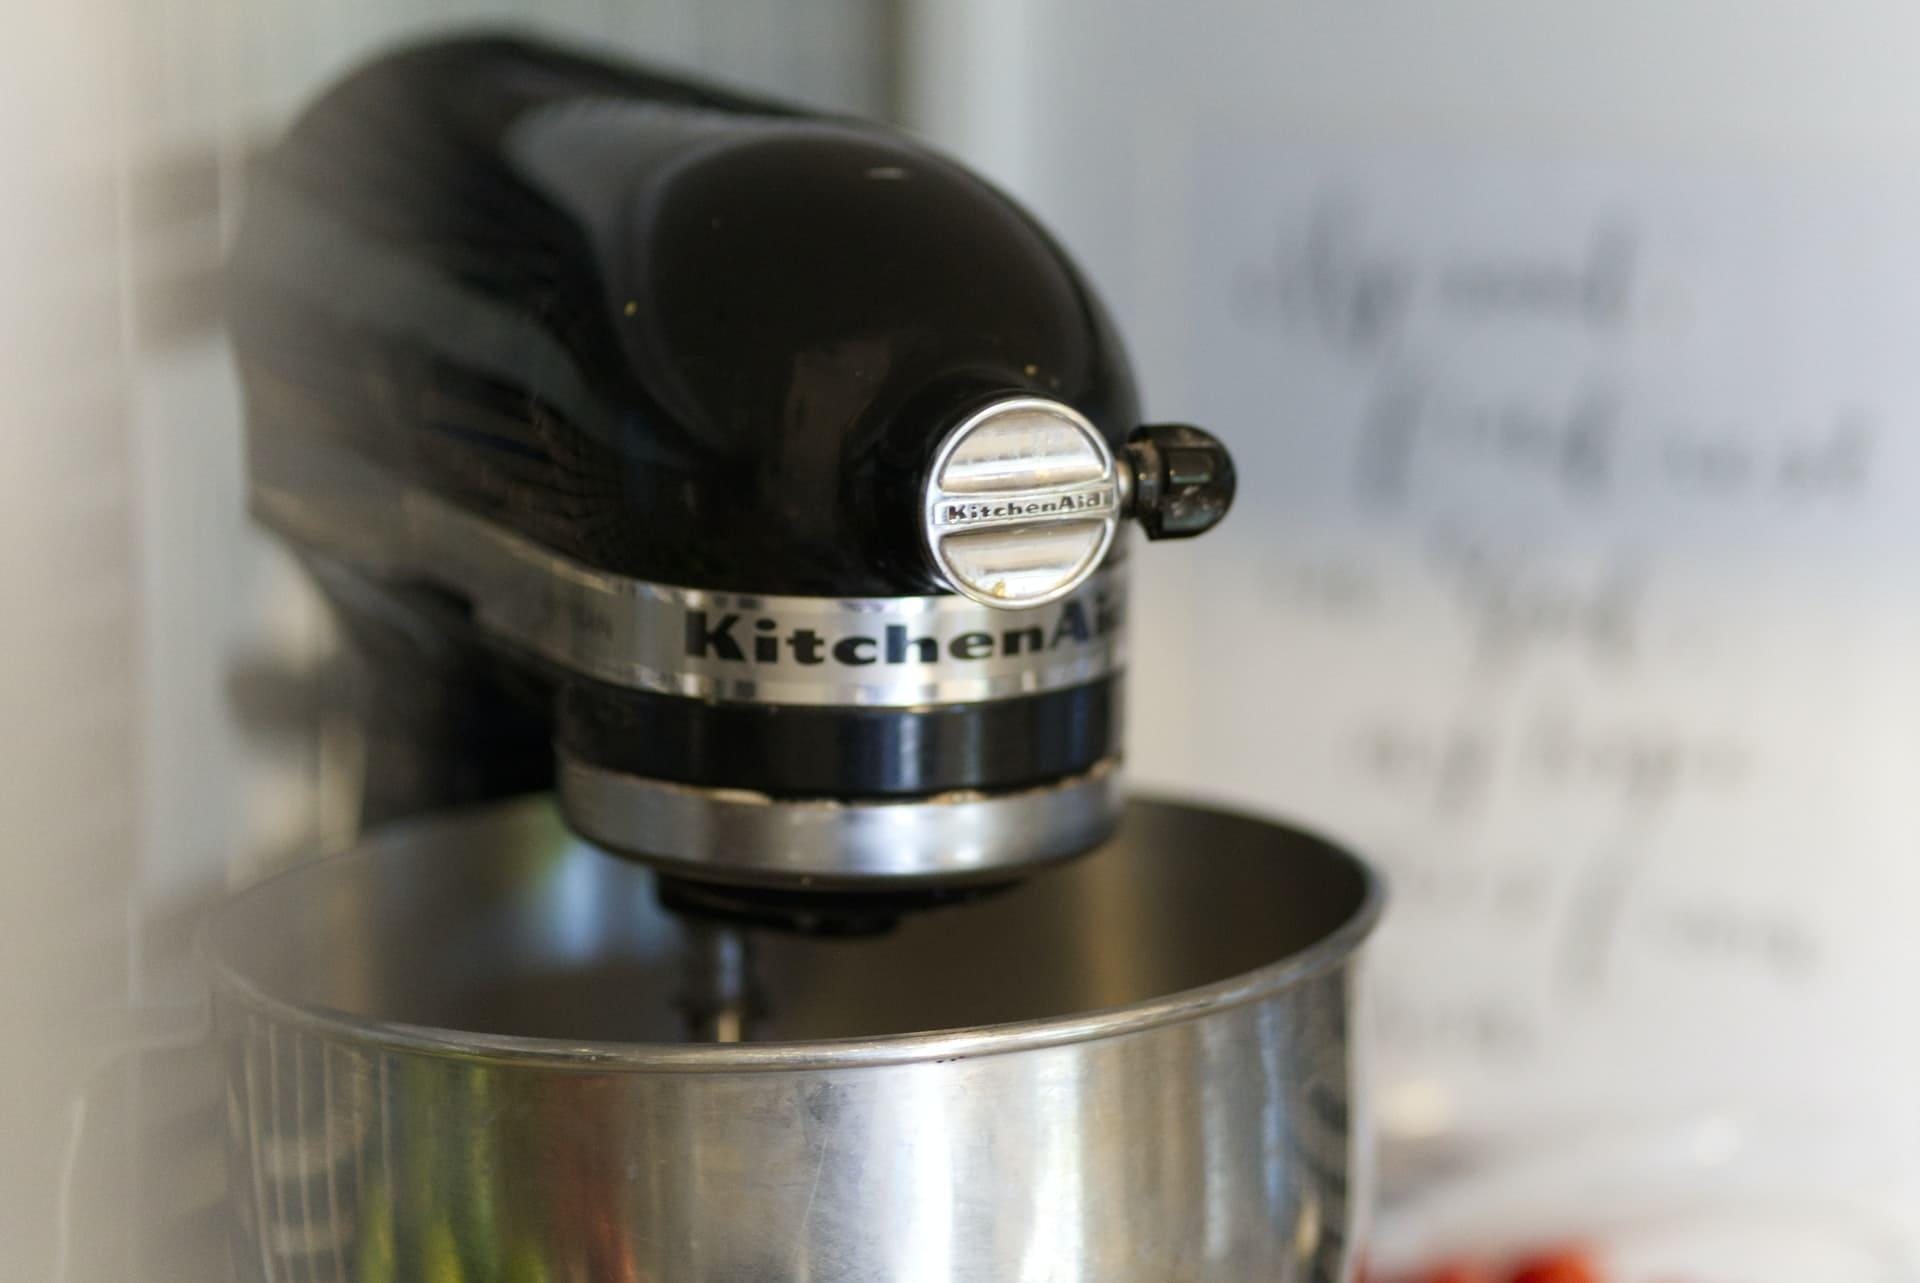 kitchenaid kuechenmaschine von vorne